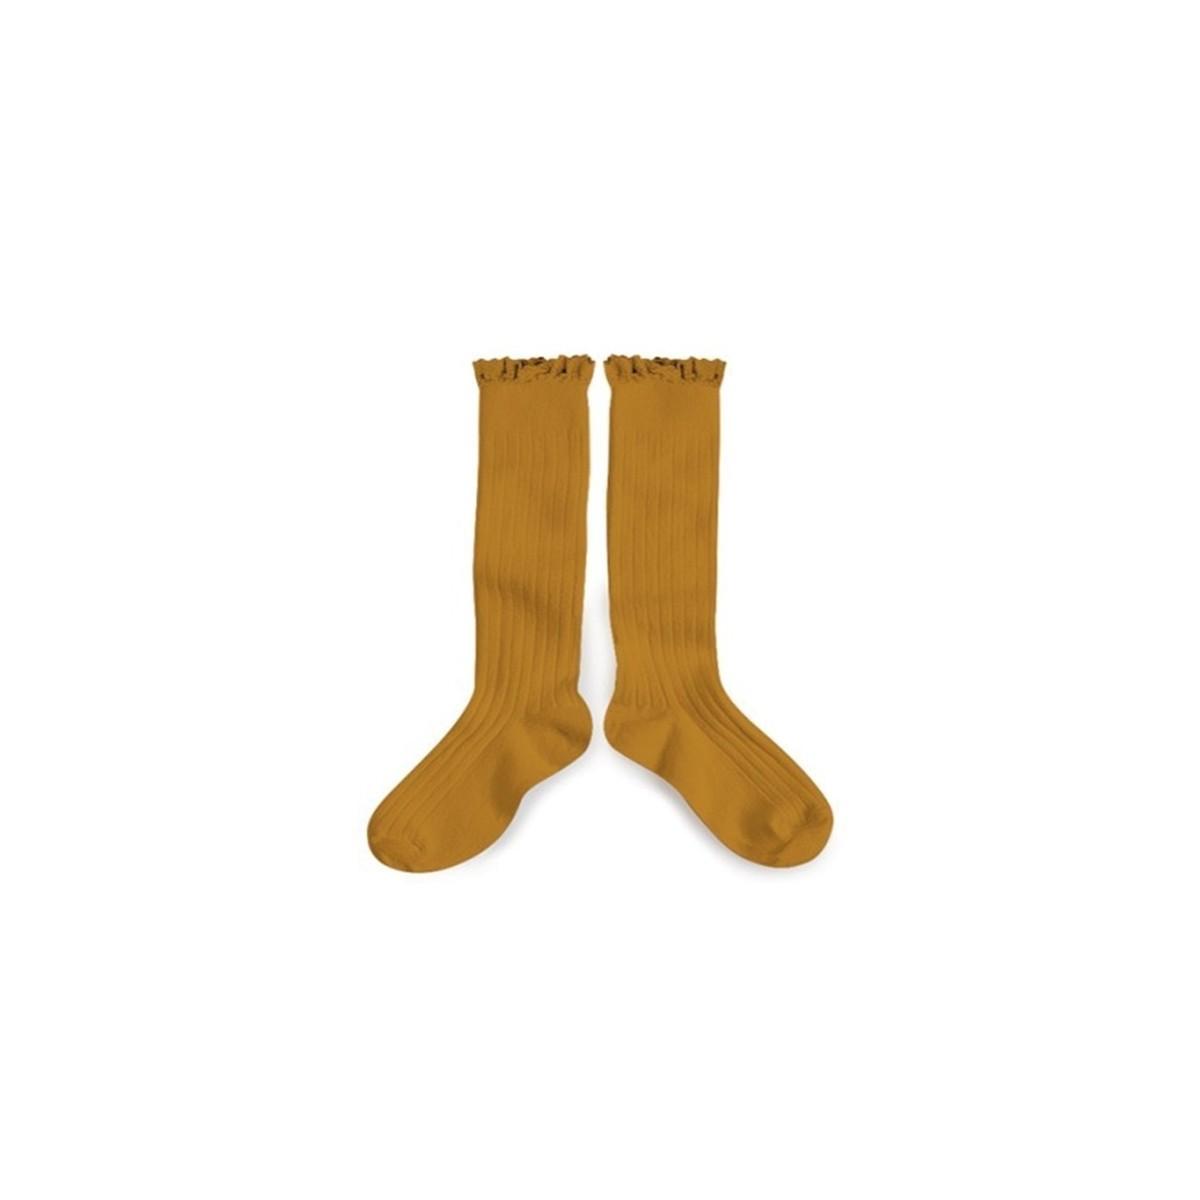 Chaussettes hautes avec dentelle moutarde de dijon